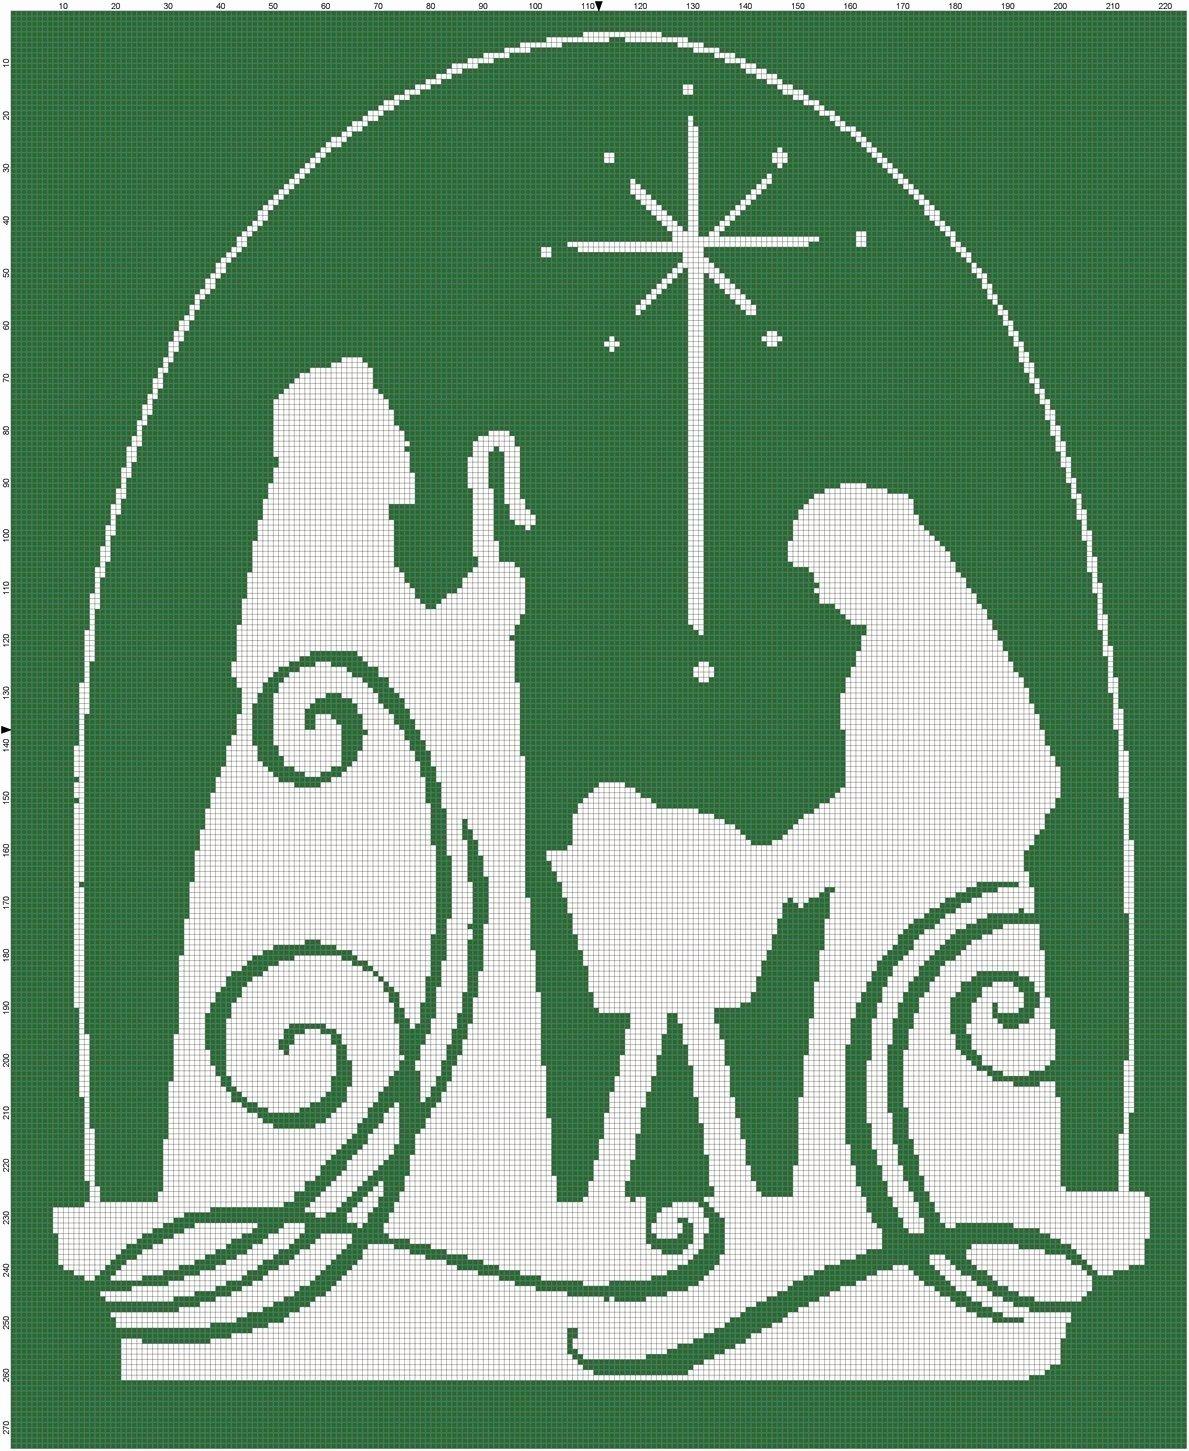 Nativity Scene Silhouette Pattern Free Lovely Christmas Jesus Nativity Scene Cross Stitch Pattern